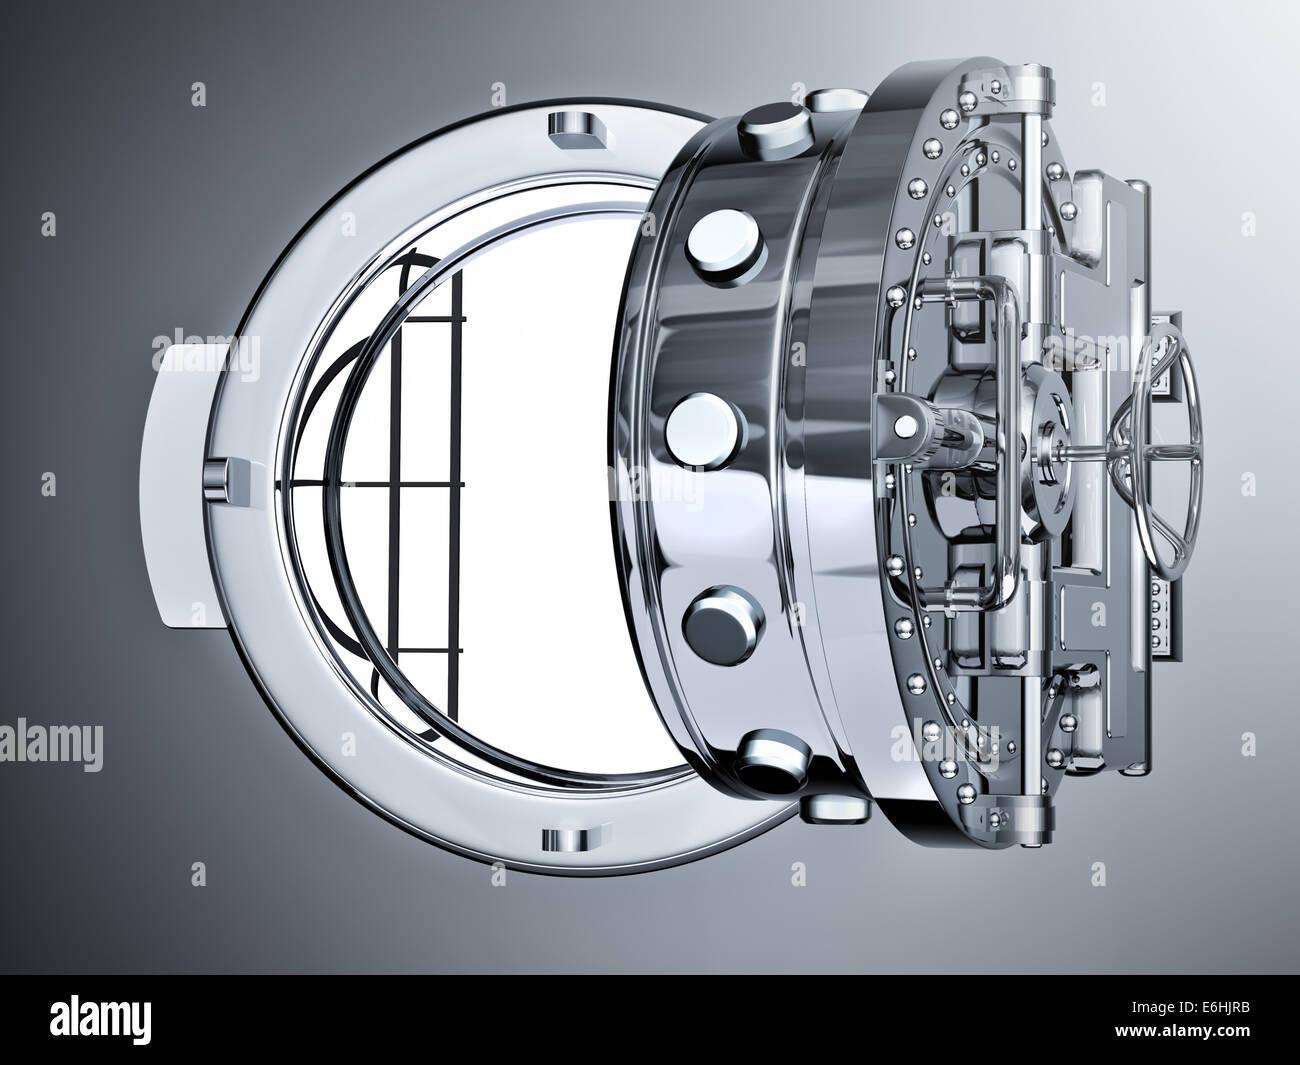 Open Bank Vault Door - 3d render - Stock Image